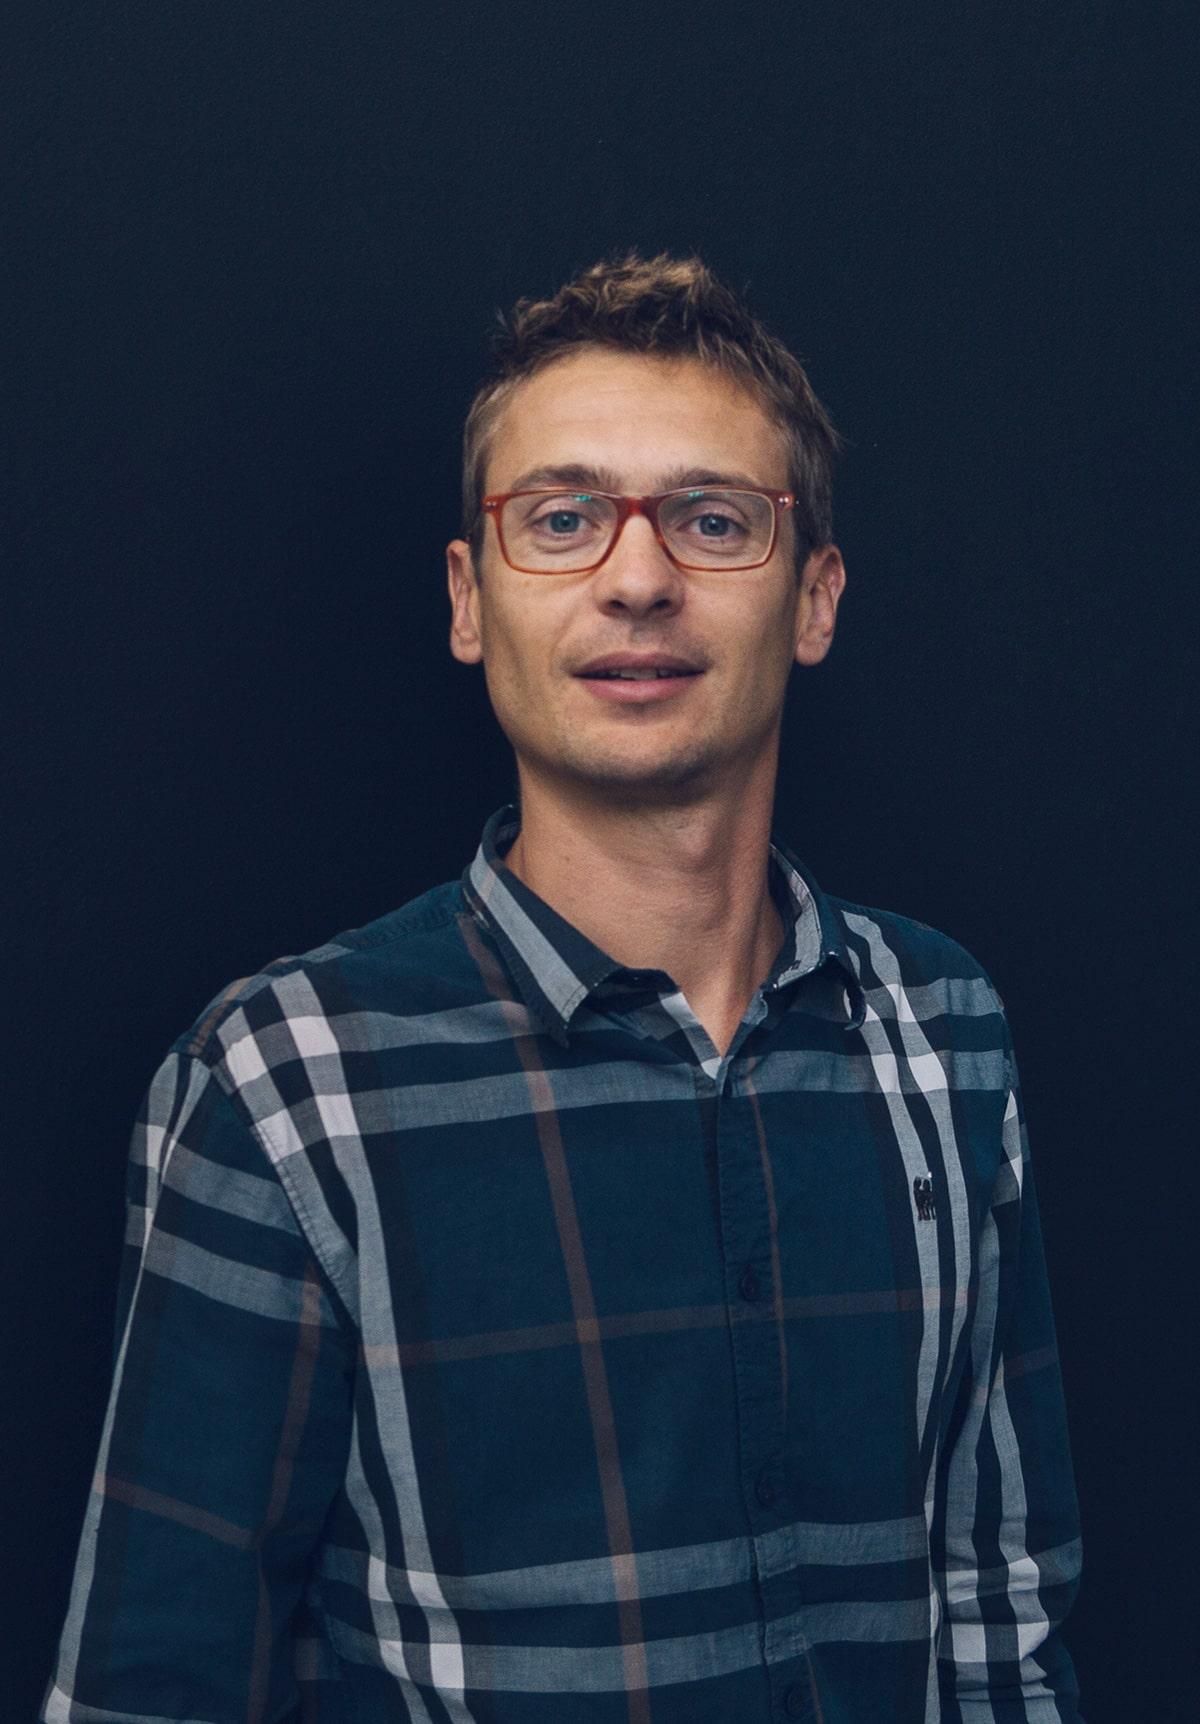 Alexandre Chusseau